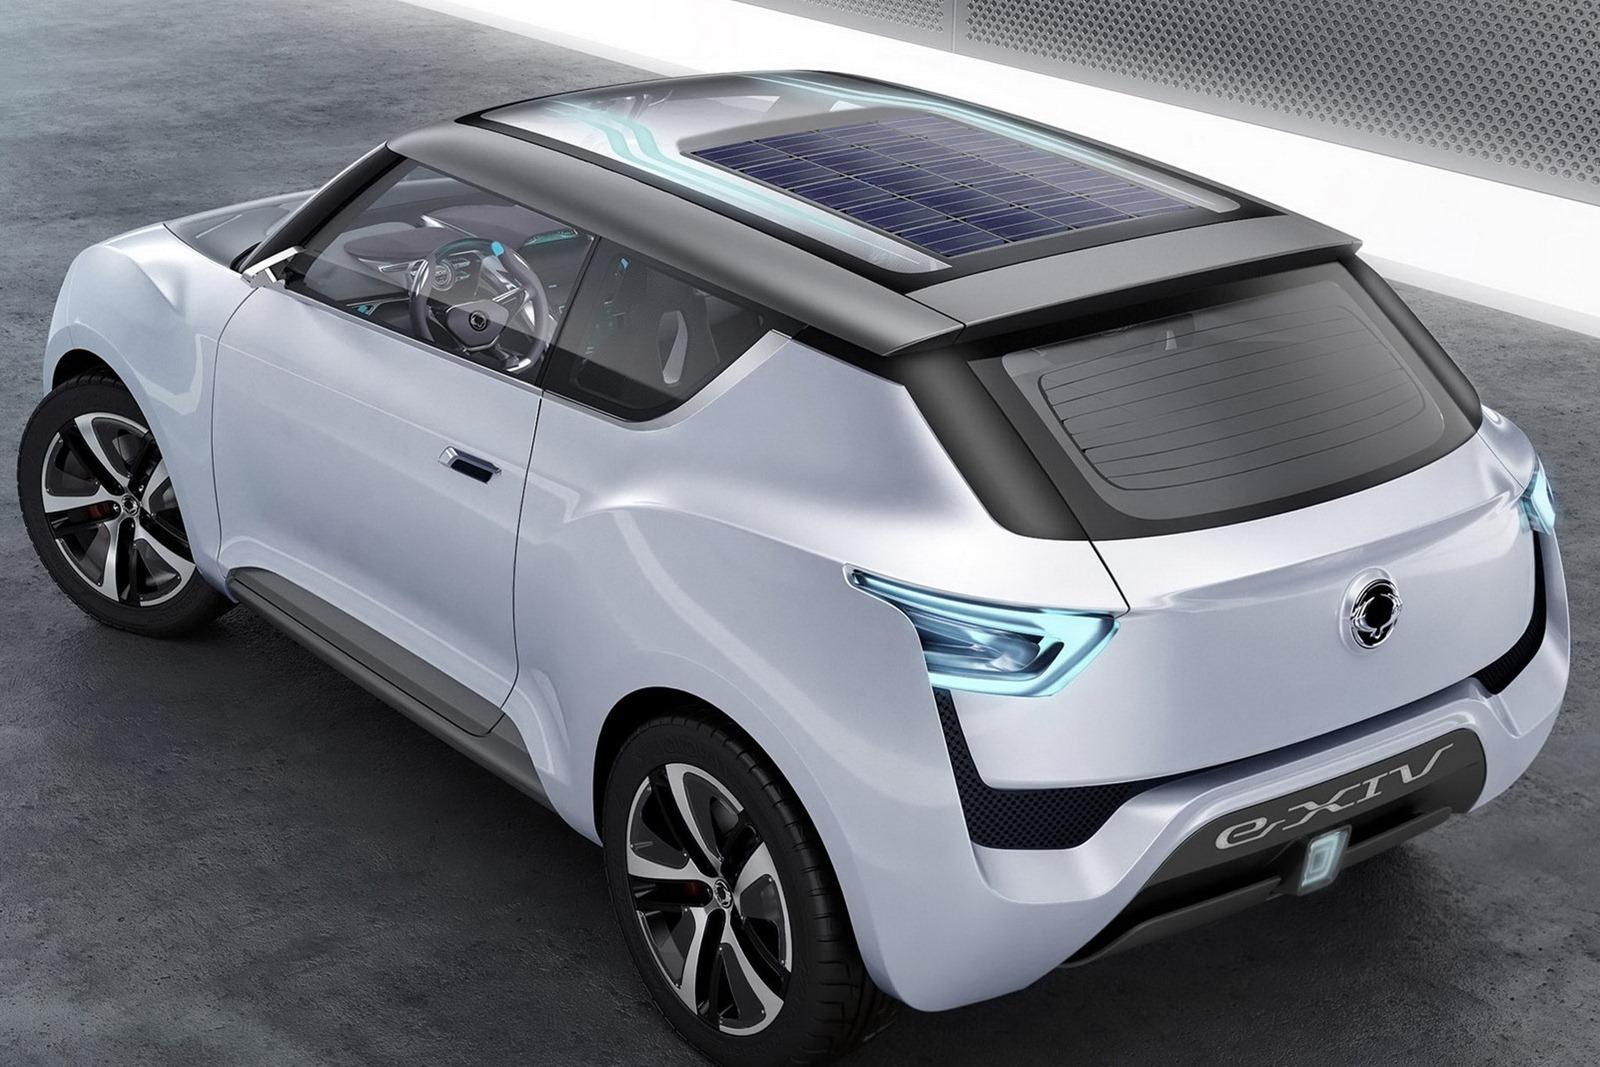 Przyszłość motoryzacji wprost z Paryża! Czy takie samochody wkrótce będą jeździć po naszych ulicach?